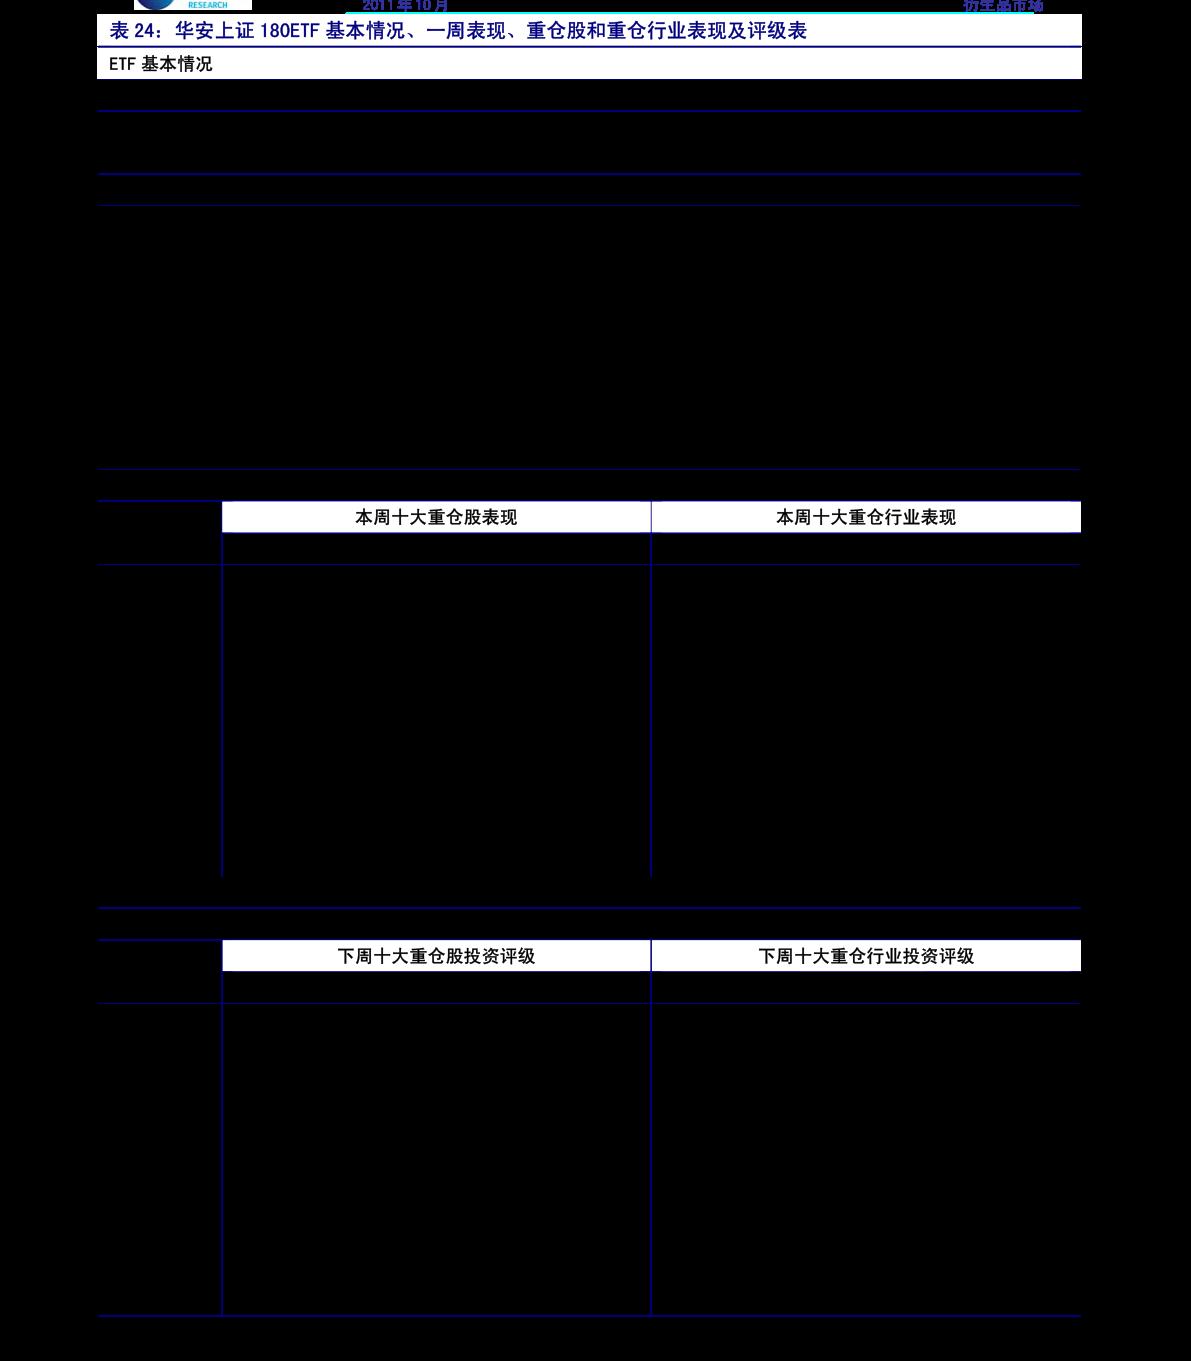 上海雷火电竞平台-基金投资风格系列研究(五):基金价值风格的投资特征-210105